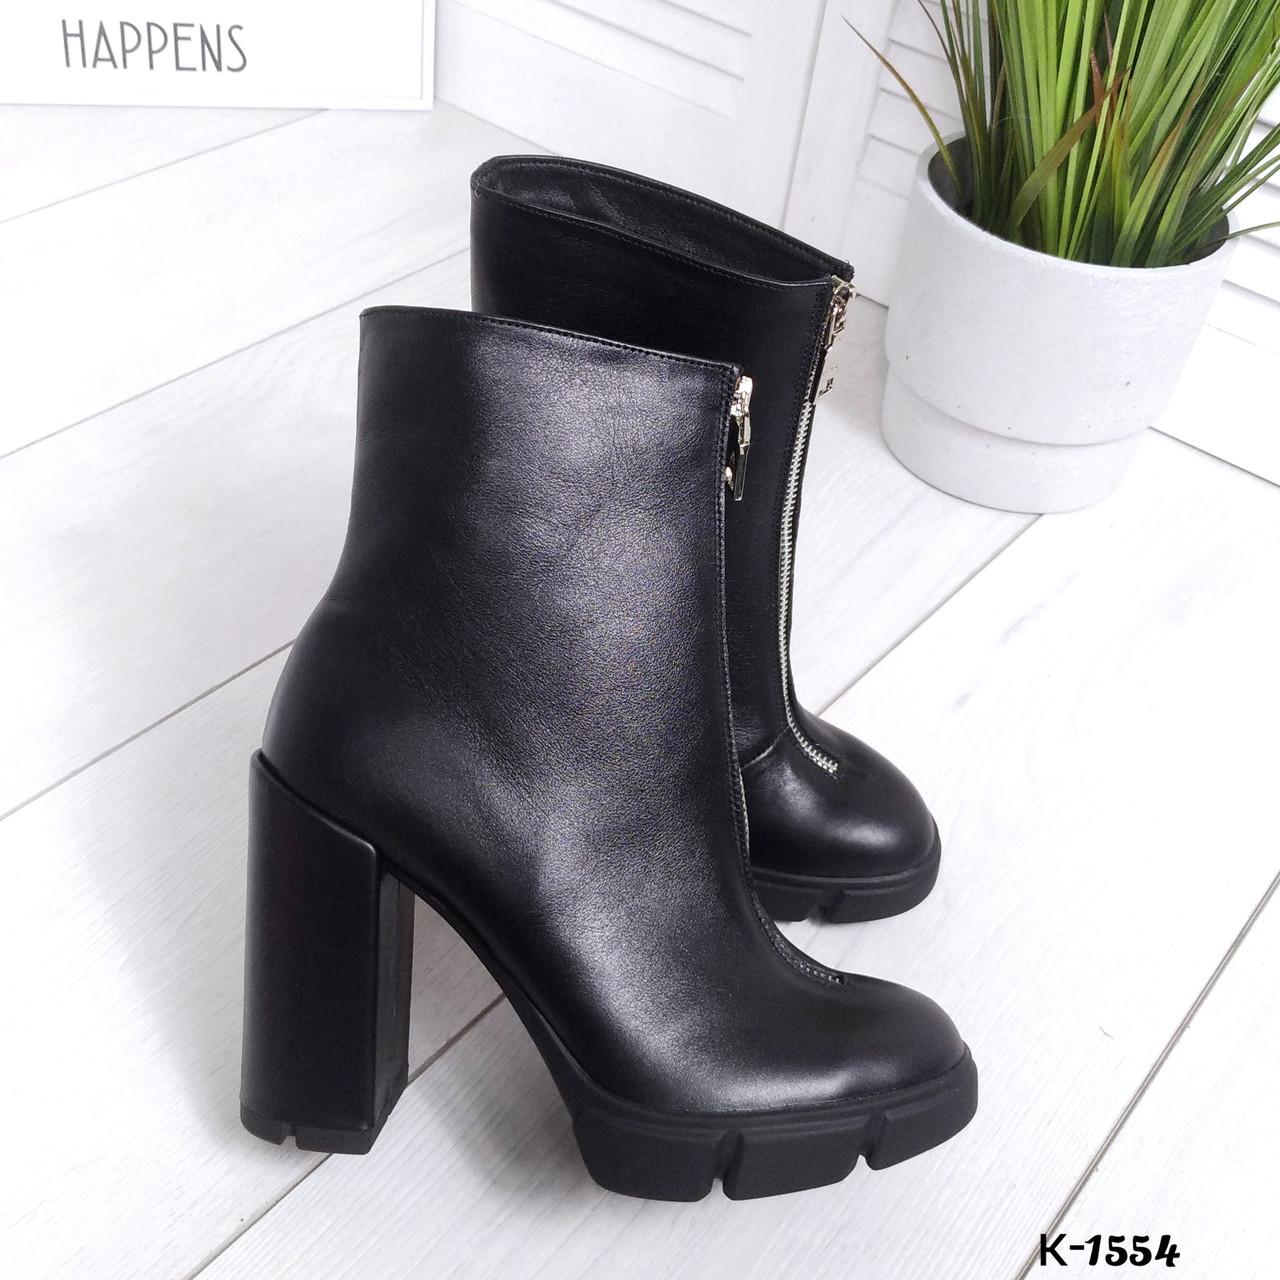 Женские демисезонные ботинки в черном цвете, натуральная кожа (под заказ 7-16 дней)